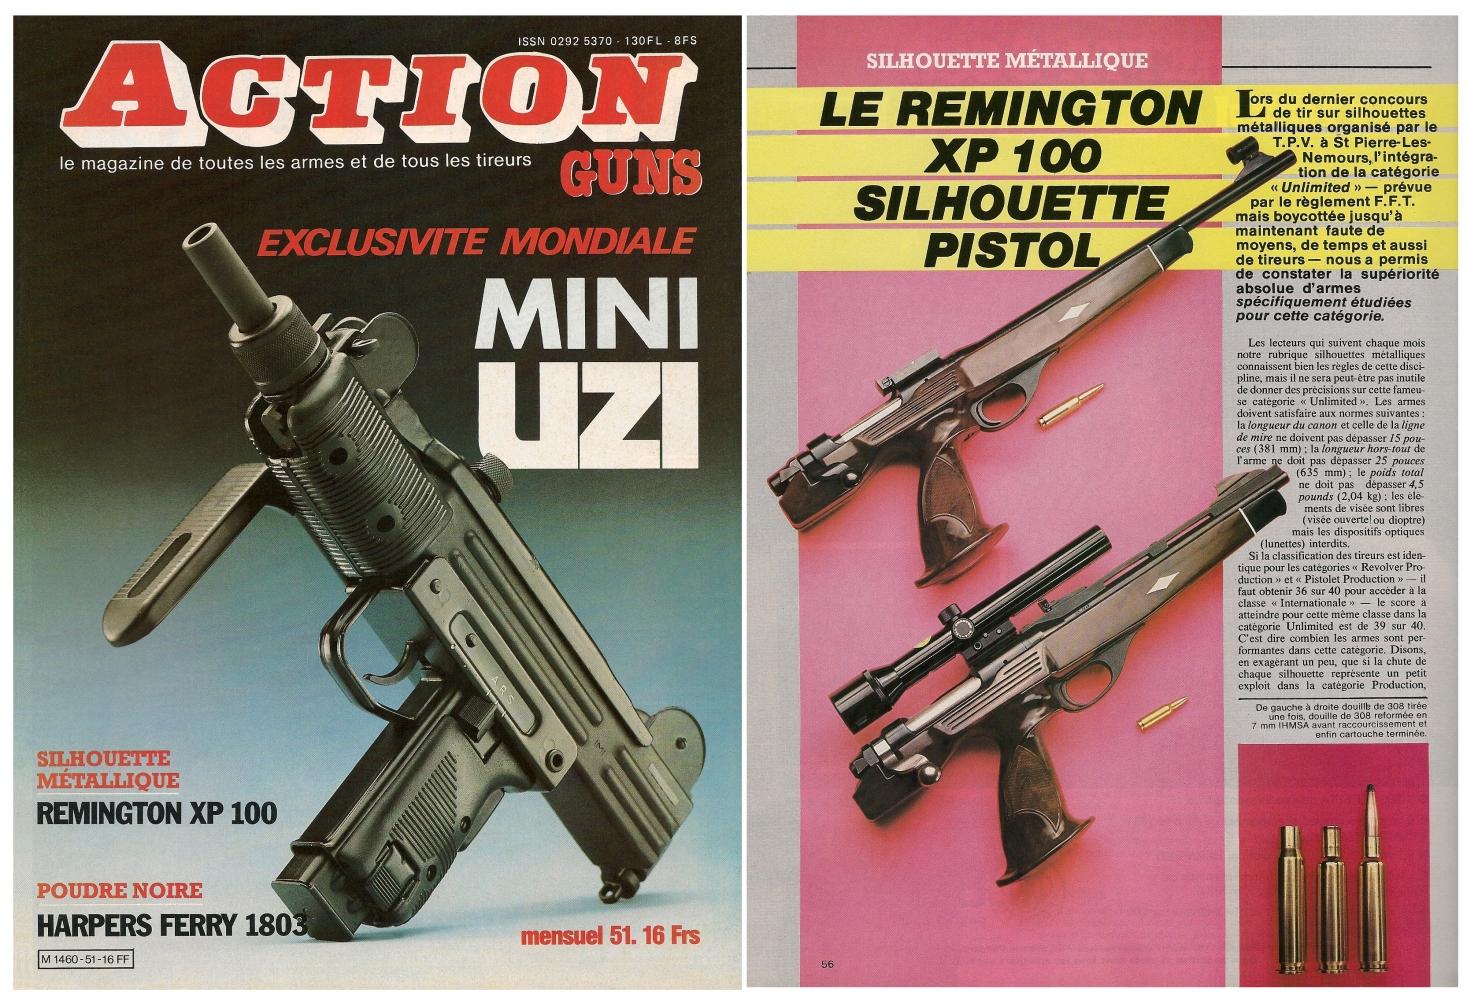 Le banc d'essai du pistolet Remington modèle XP 100 a été publié sur 4 pages dans le magazine Action Guns n° 51 (mars 1983).